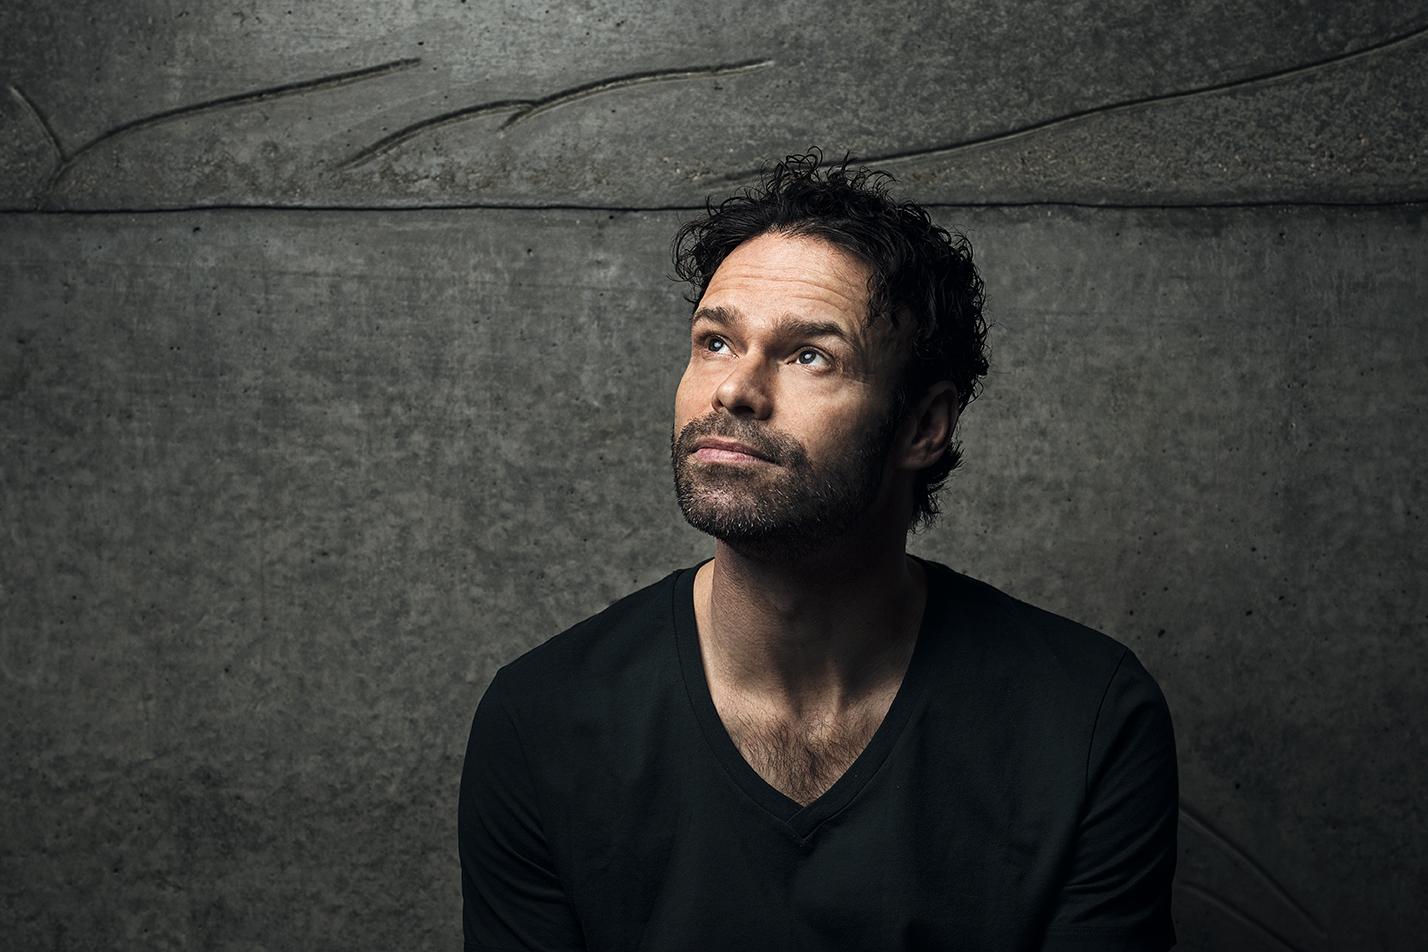 Artist // Mick Øgendahl